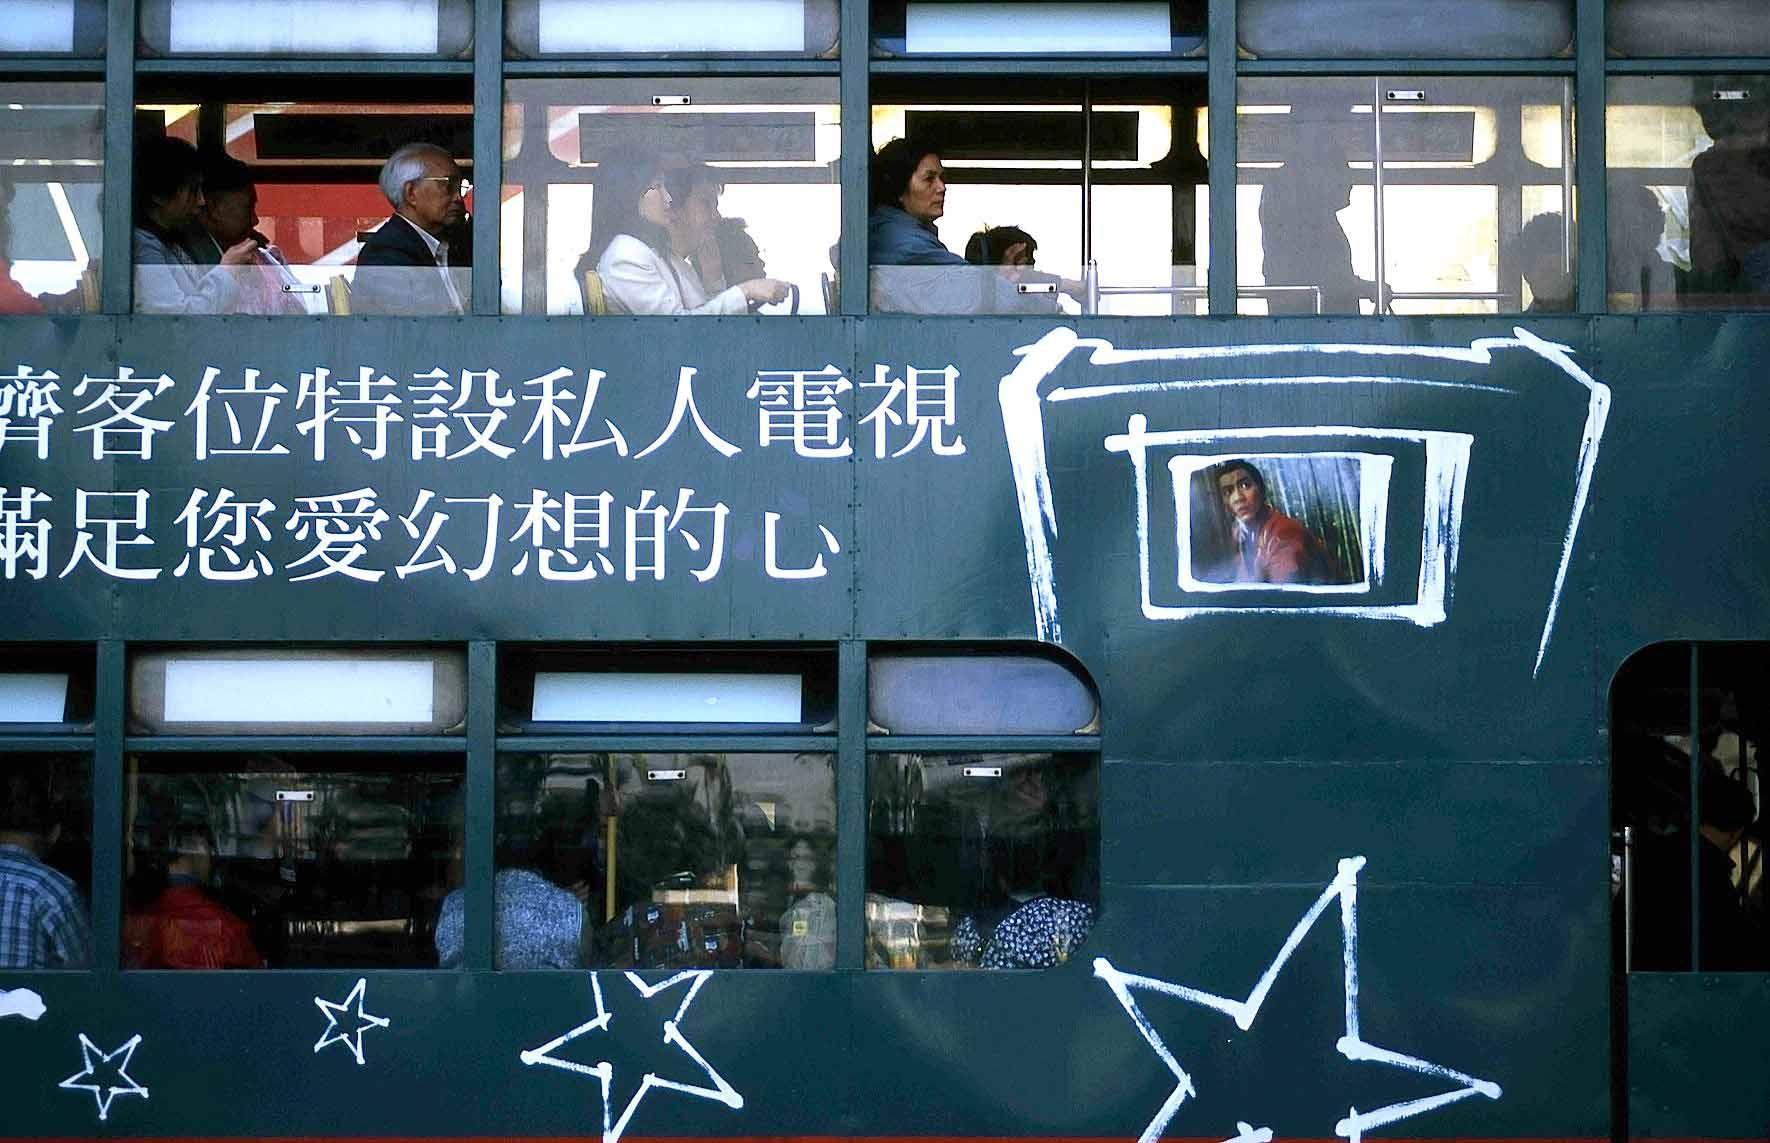 01042014-aaa Hong Kong 8 rid